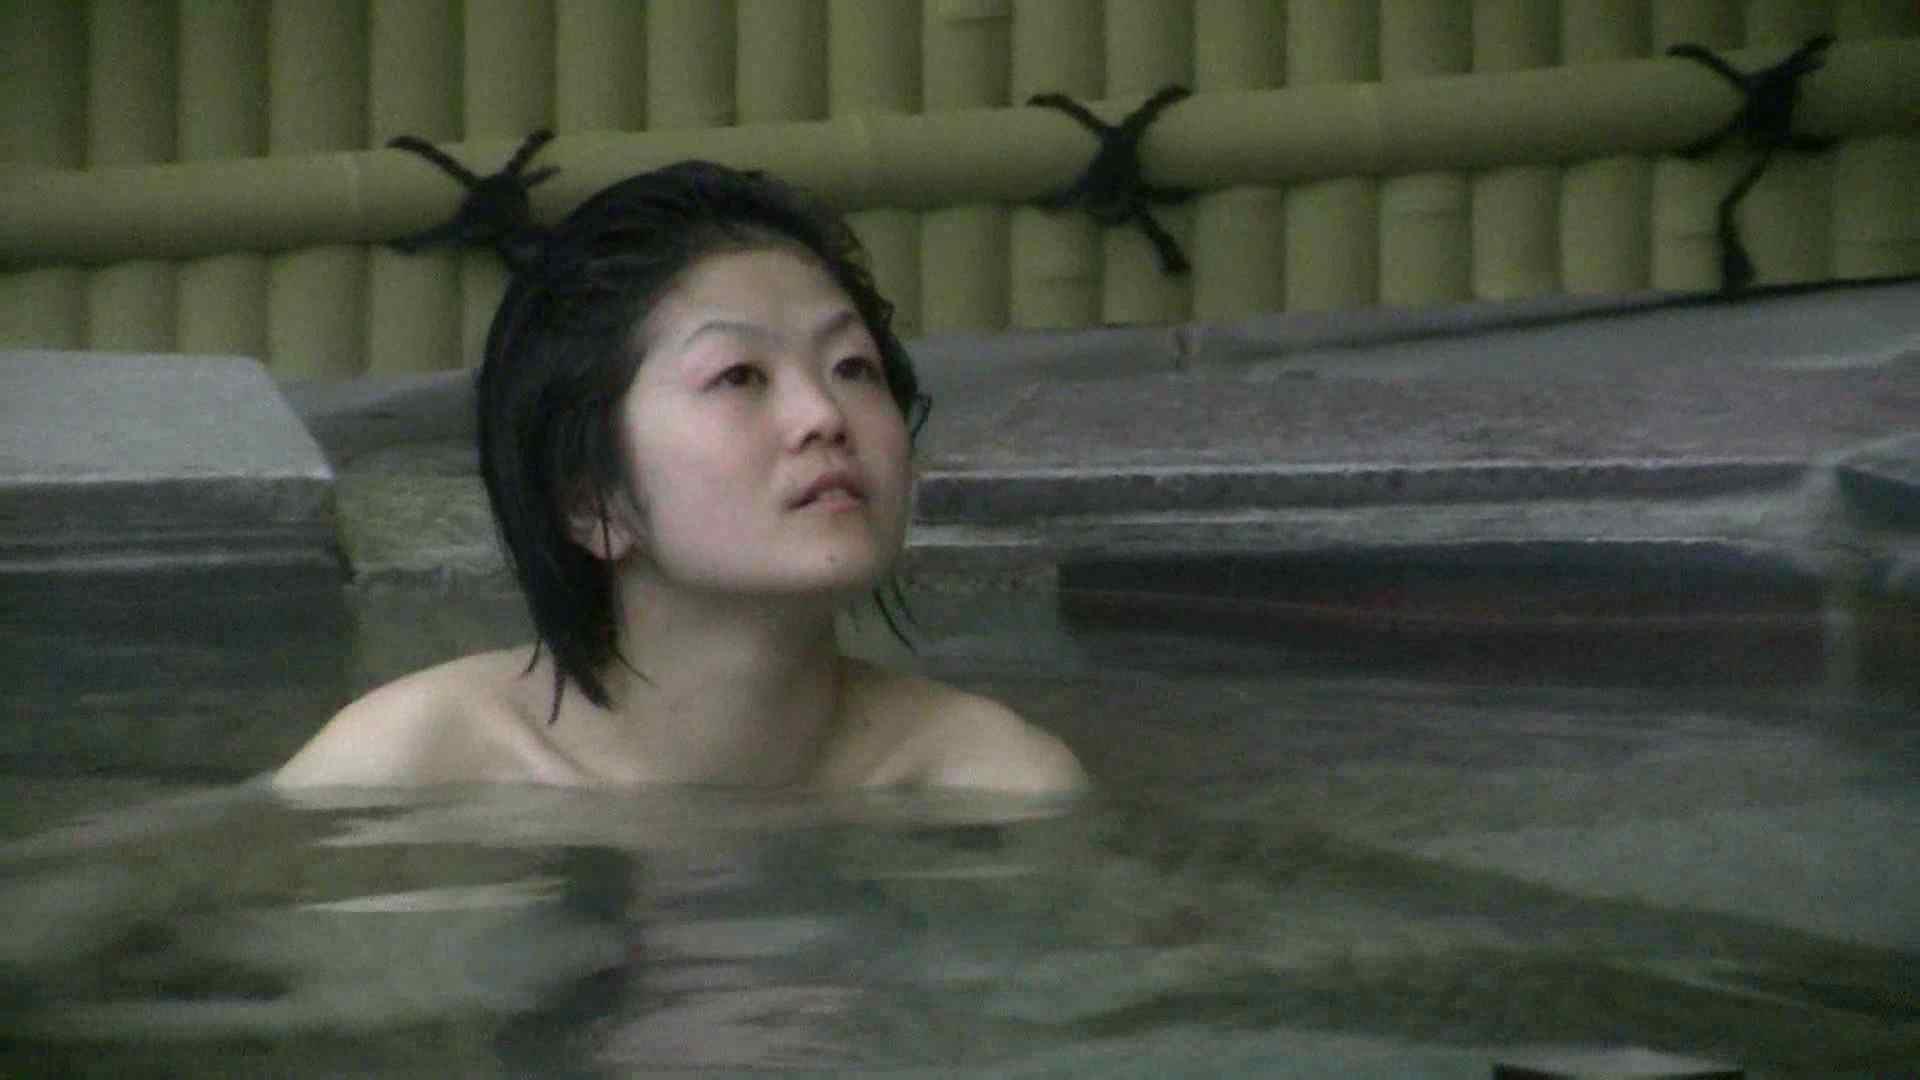 Aquaな露天風呂Vol.538 OLのエロ生活   盗撮  90連発 28